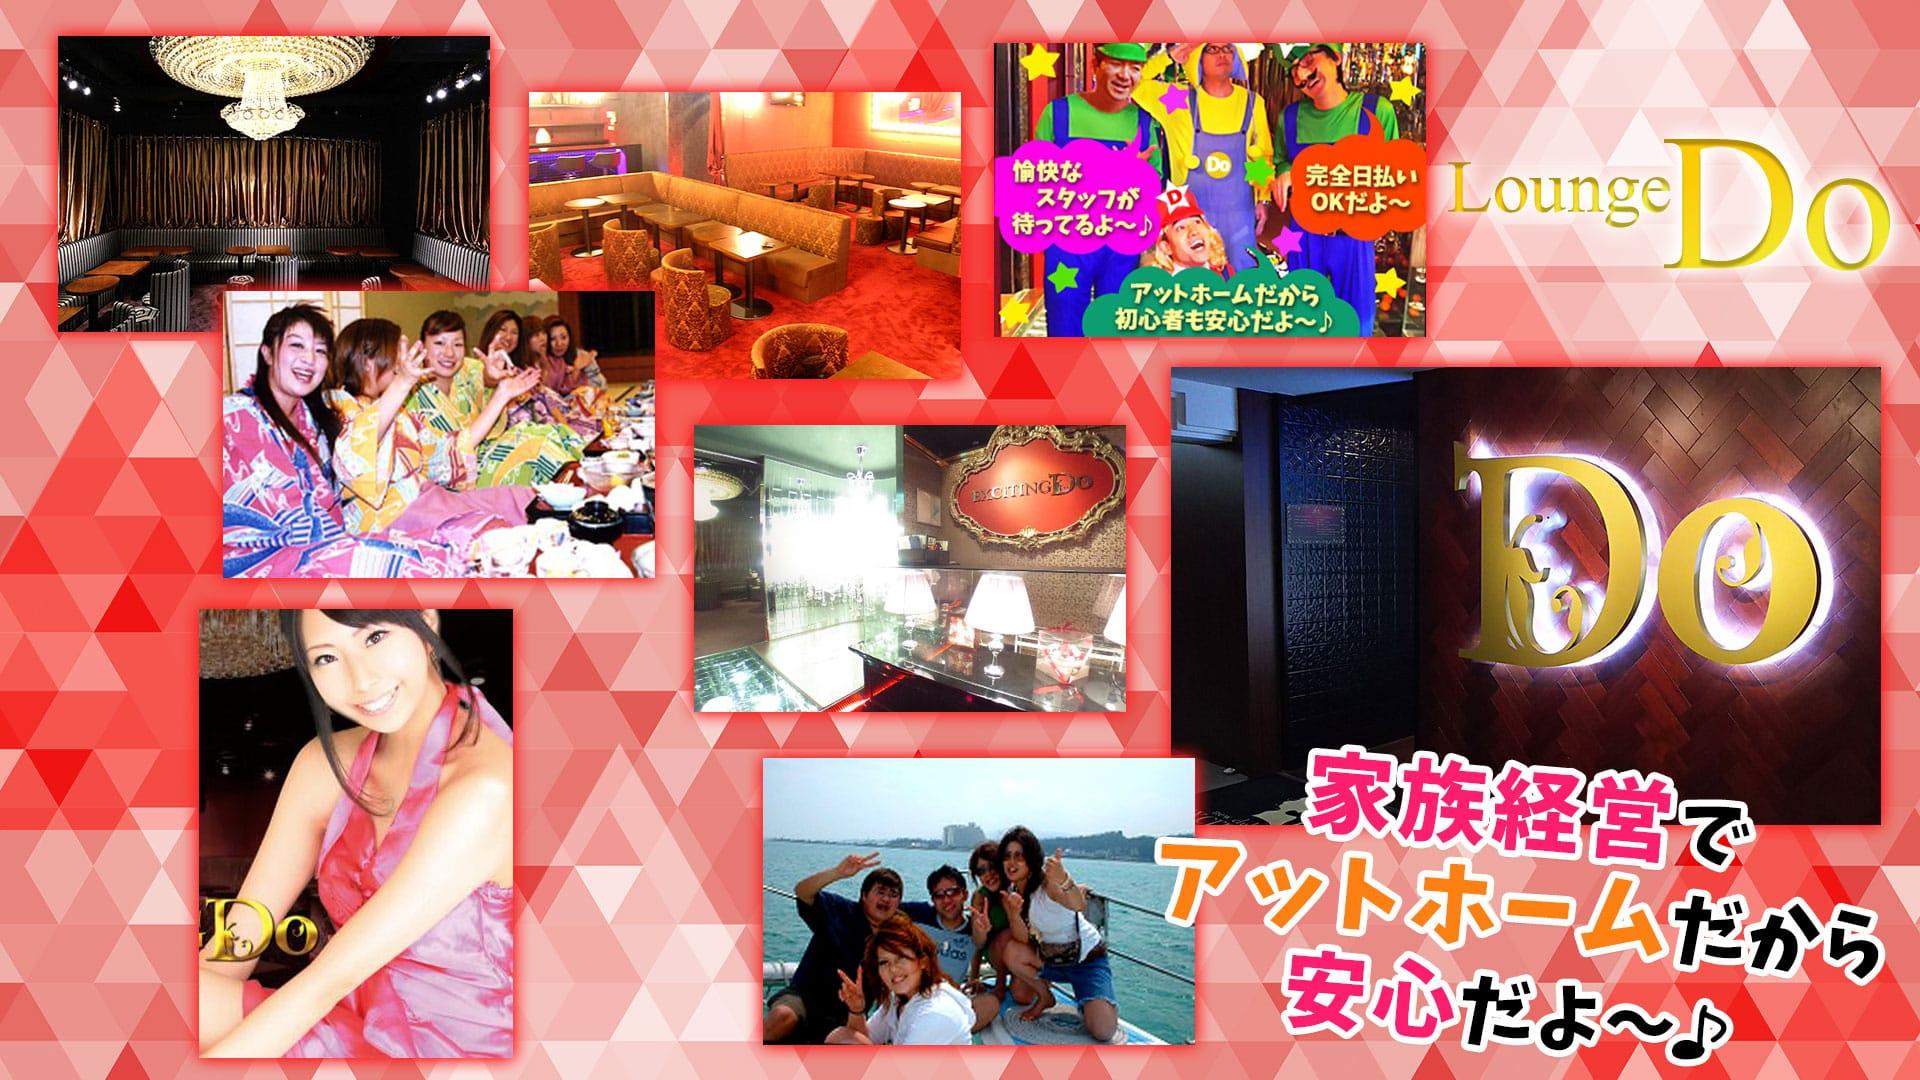 Lounge Do(ラウンジ ドゥー) 桜木町ラウンジ TOP画像